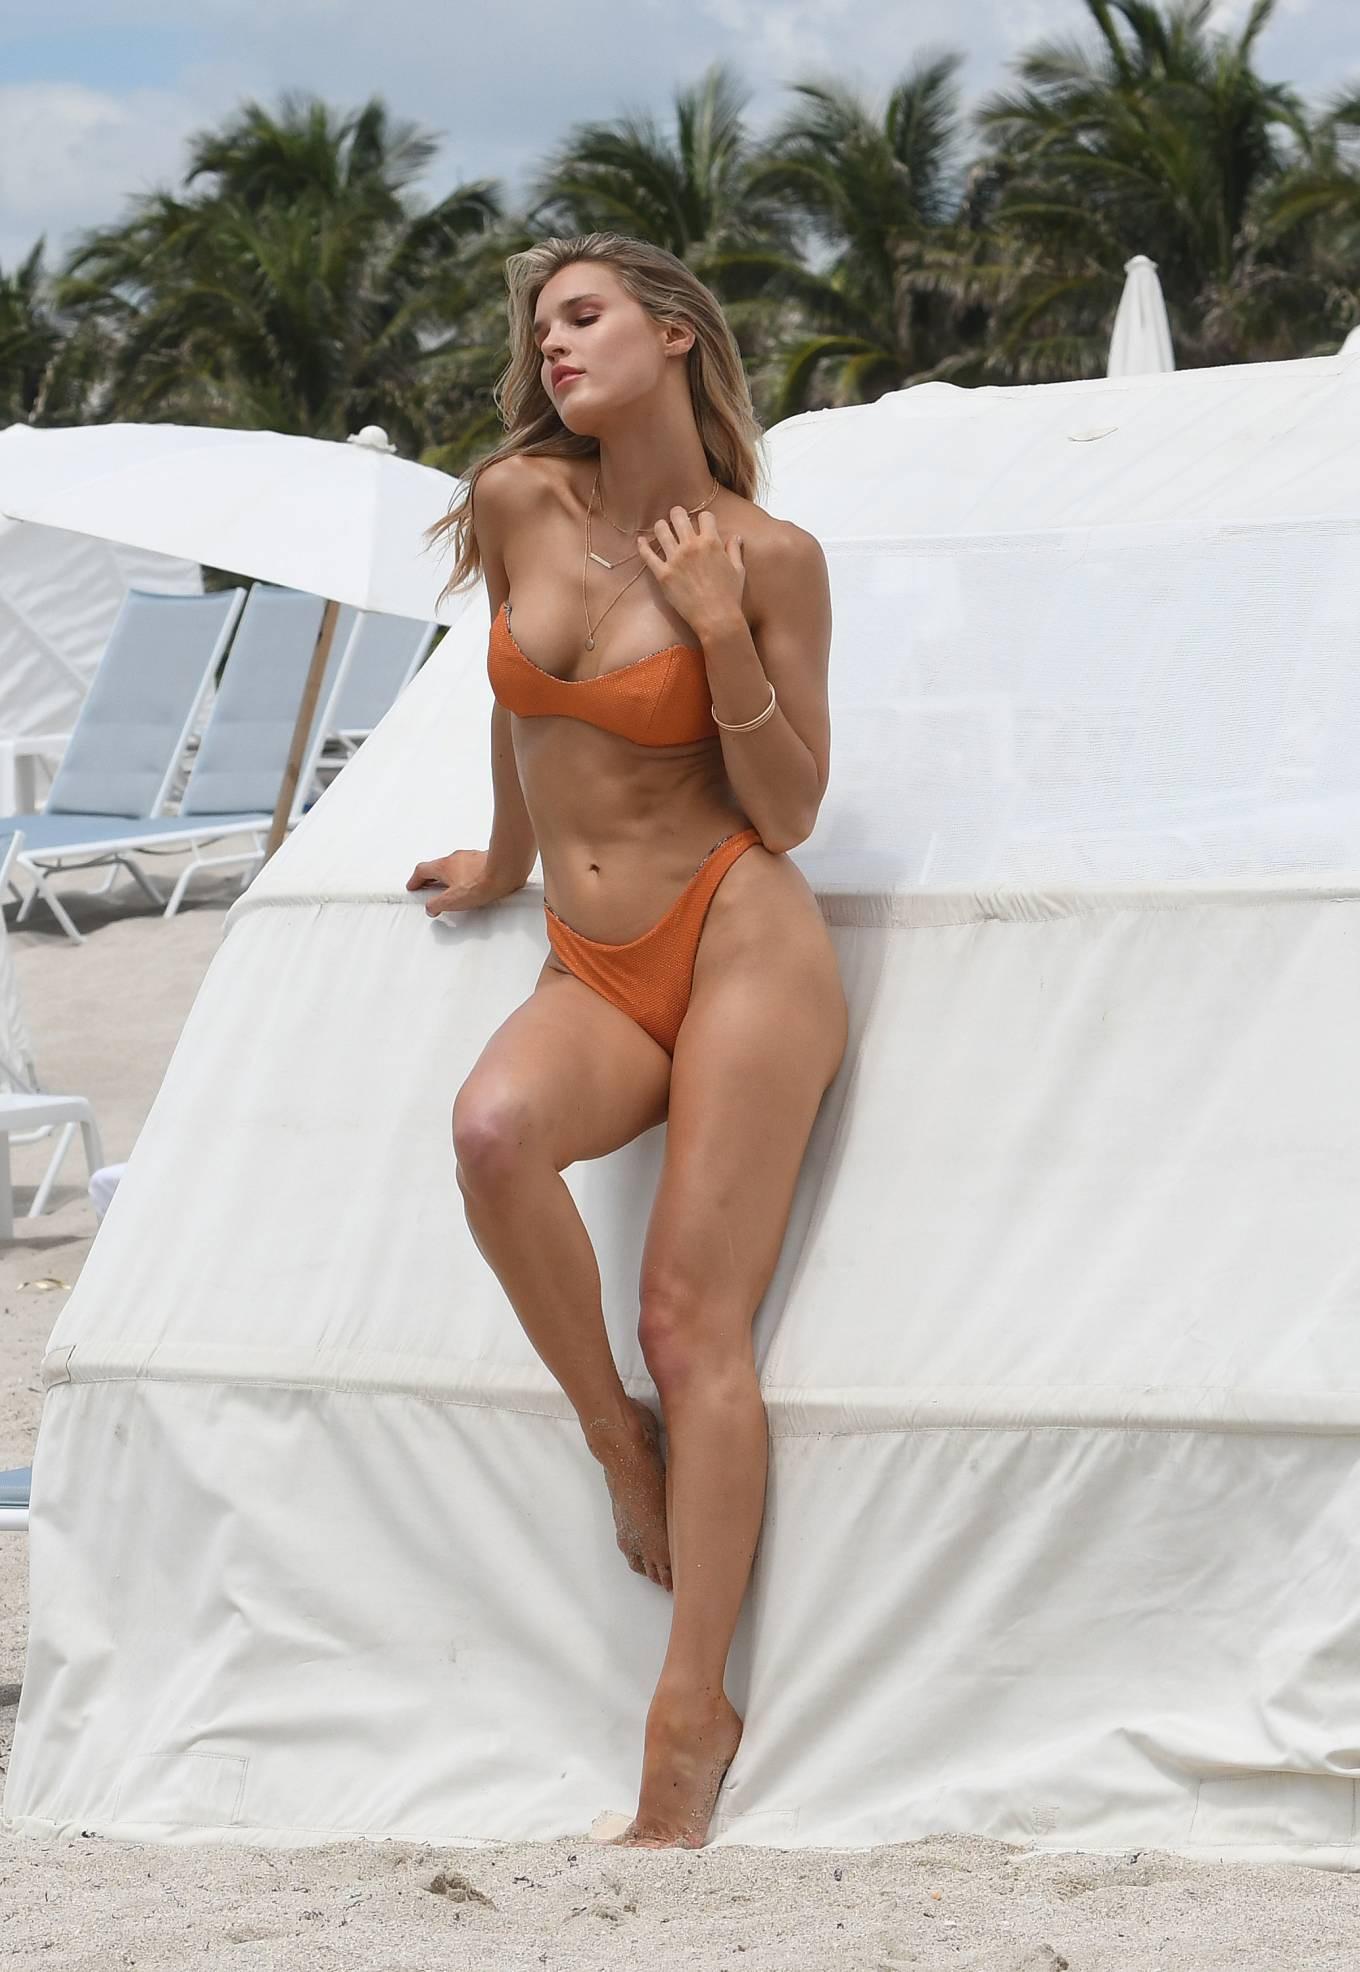 Hậu trường chụp bikini cực nóng bỏng của mẫu 9x Joy Corrigan Ảnh 4